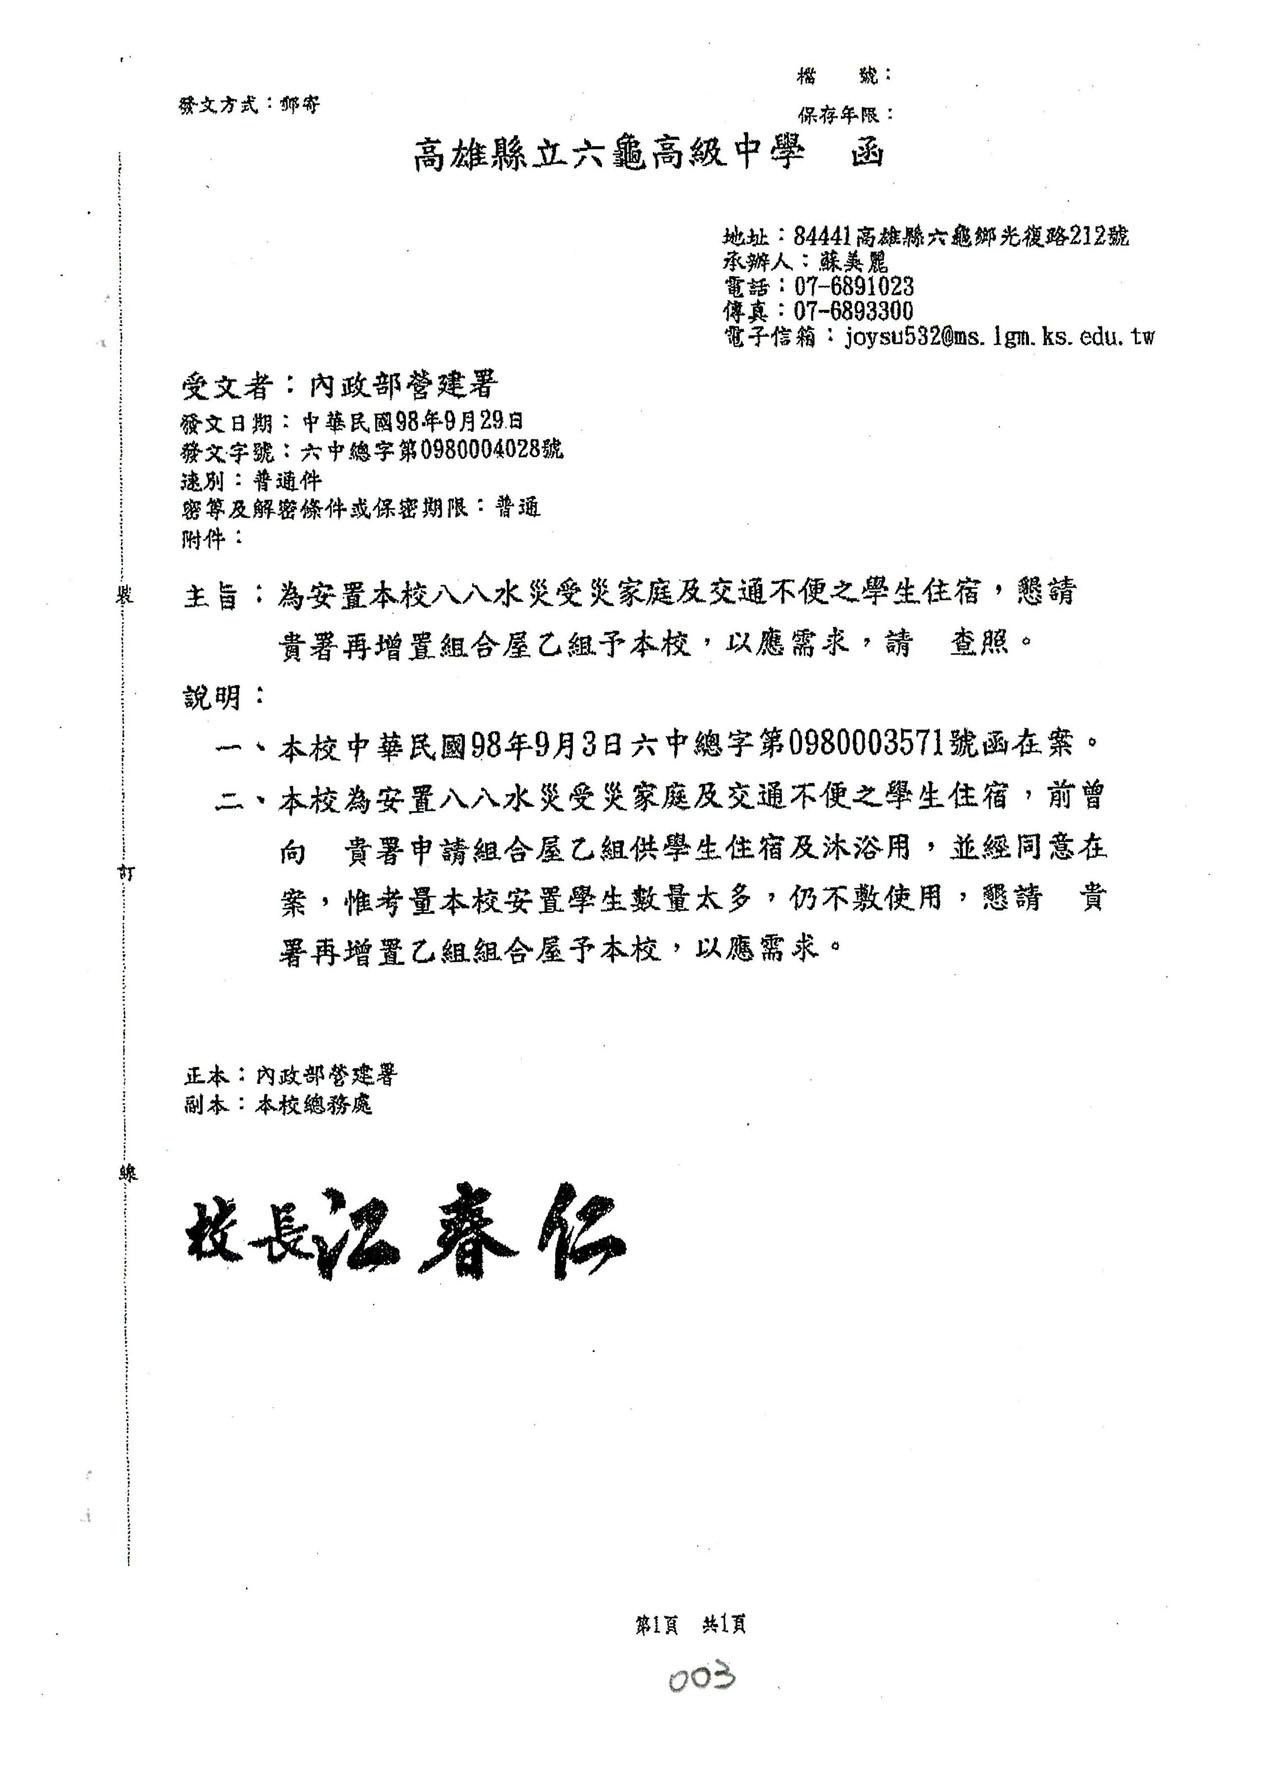 行政院莫拉克颱風災後重建推動委員會檔案歡迎利用!